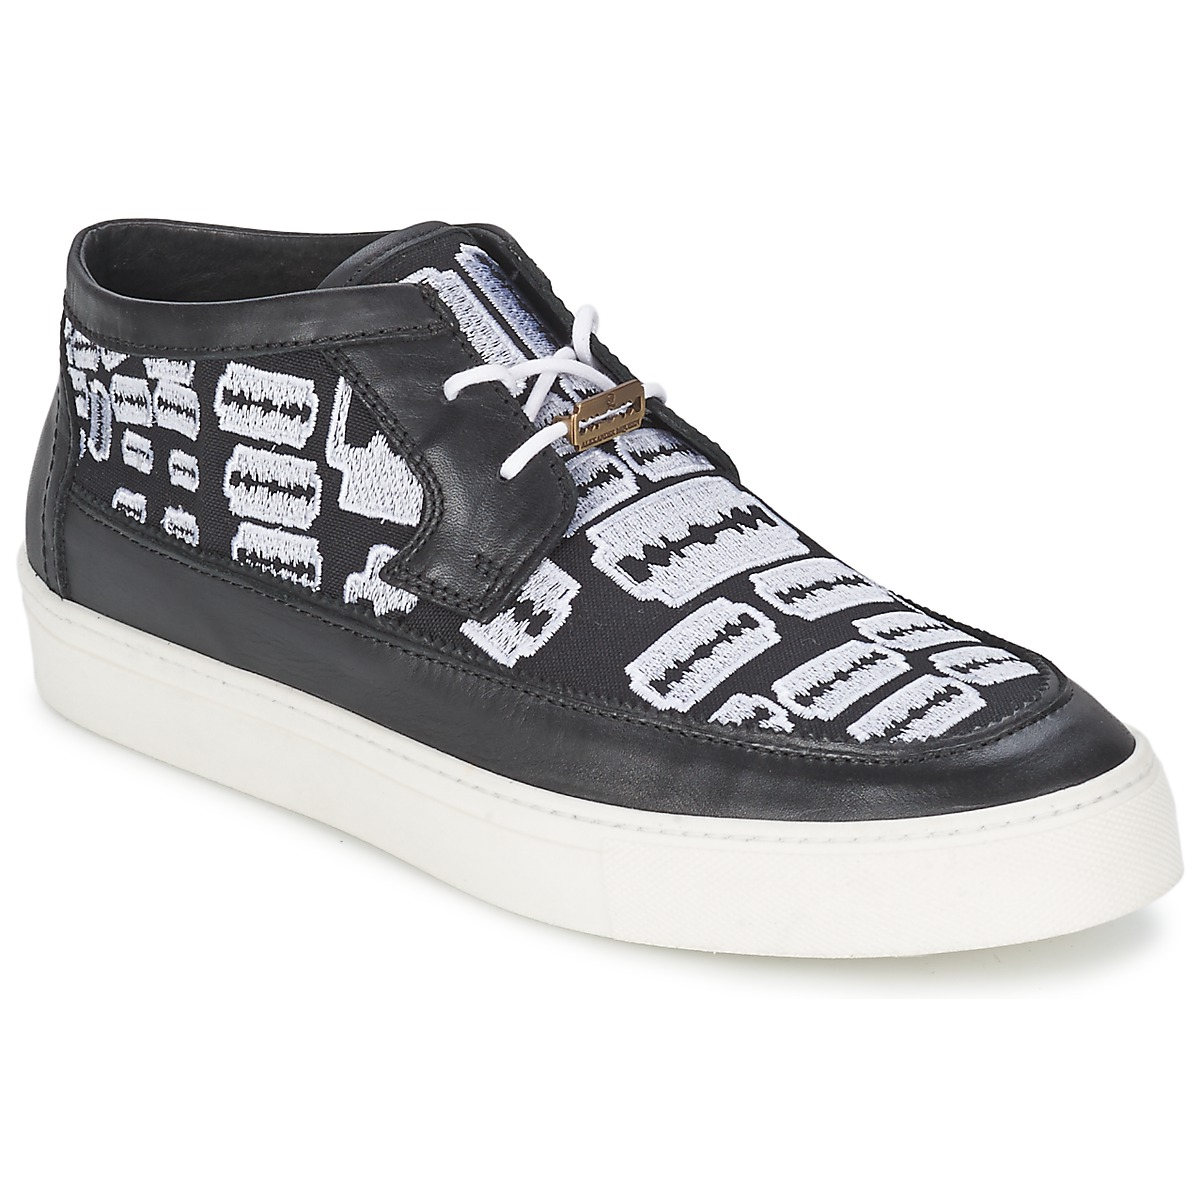 Alexander Mcqueen Sneakers Pas Cher